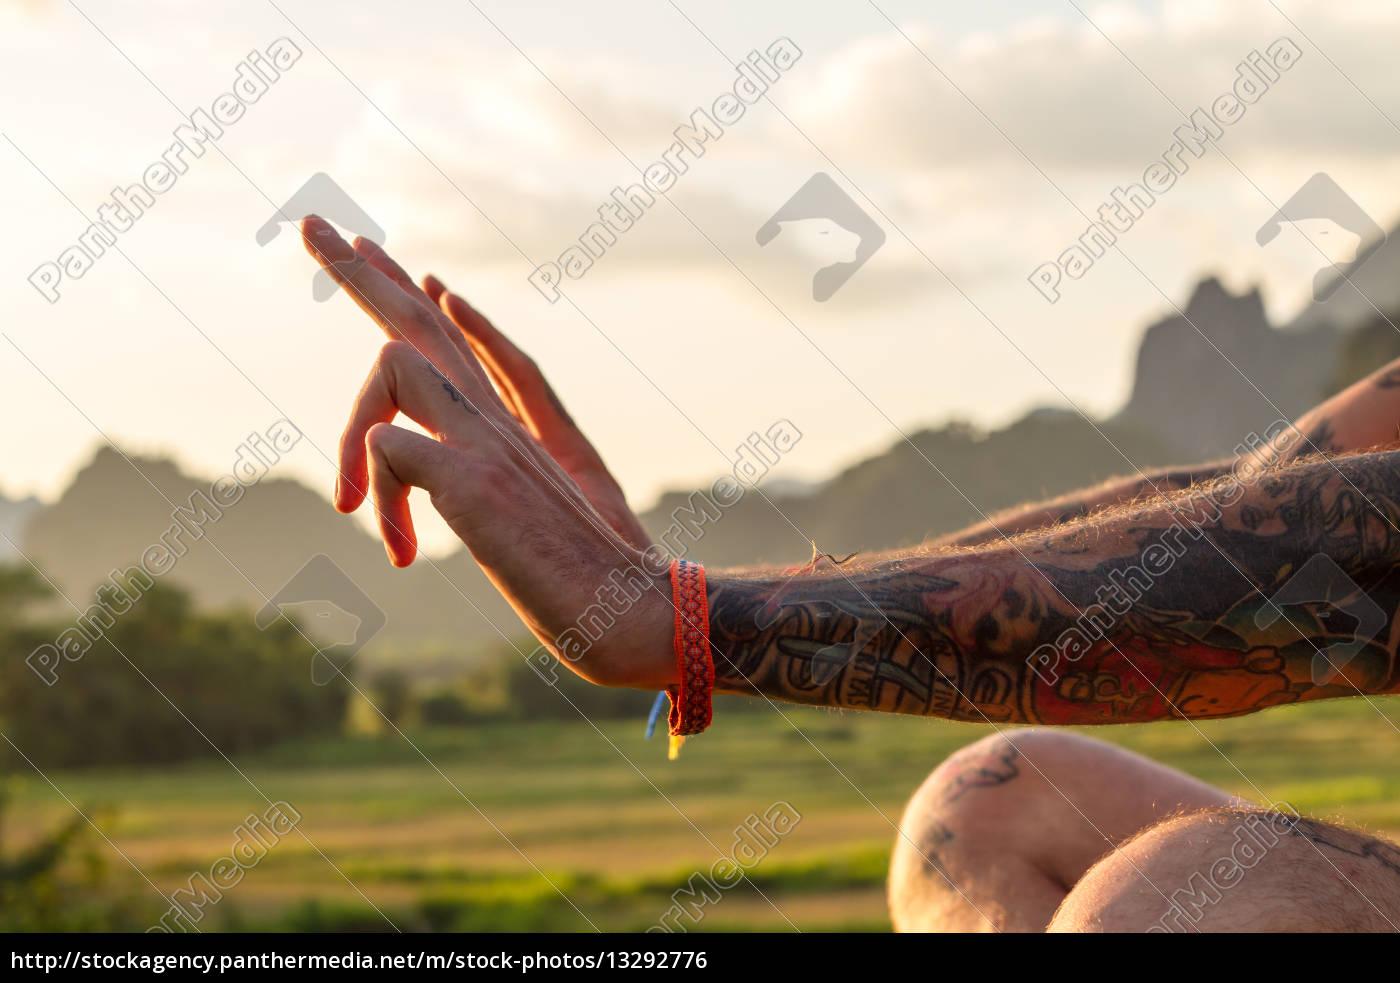 mann, person, mensch, haende, hand, finger - 13292776